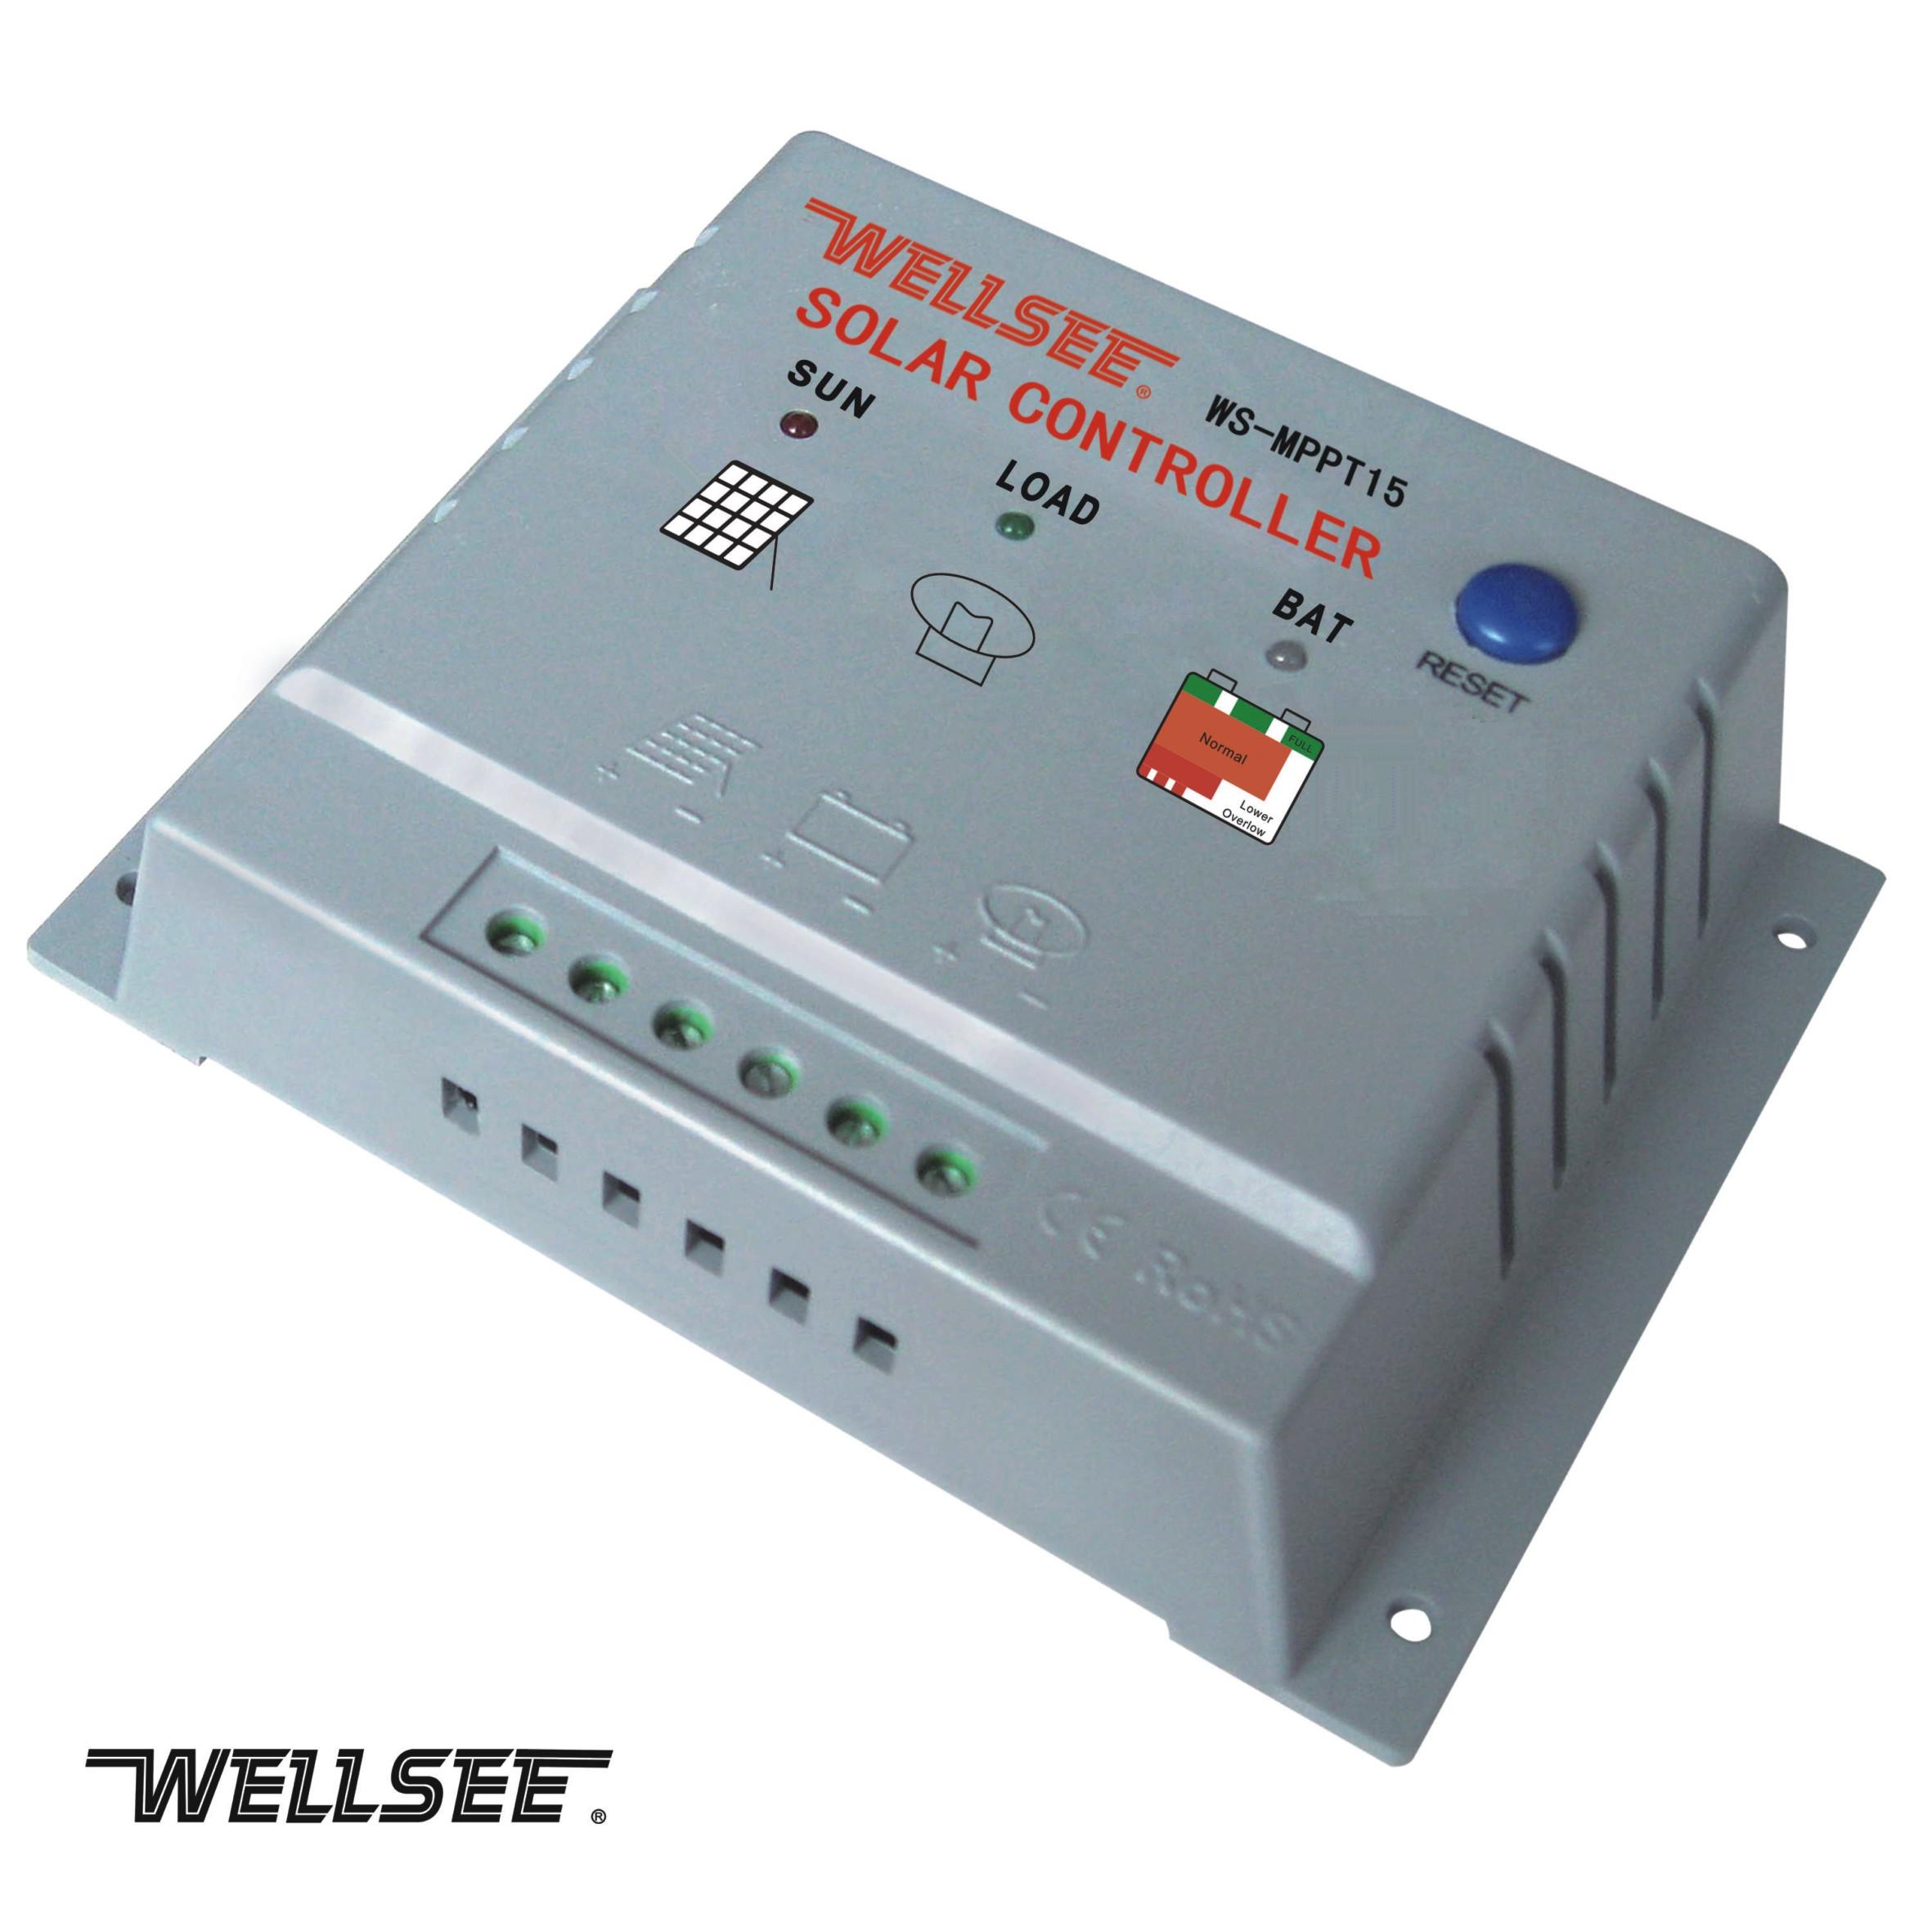 能充电控制器(太阳能控制器)应用于太阳能光伏系统中